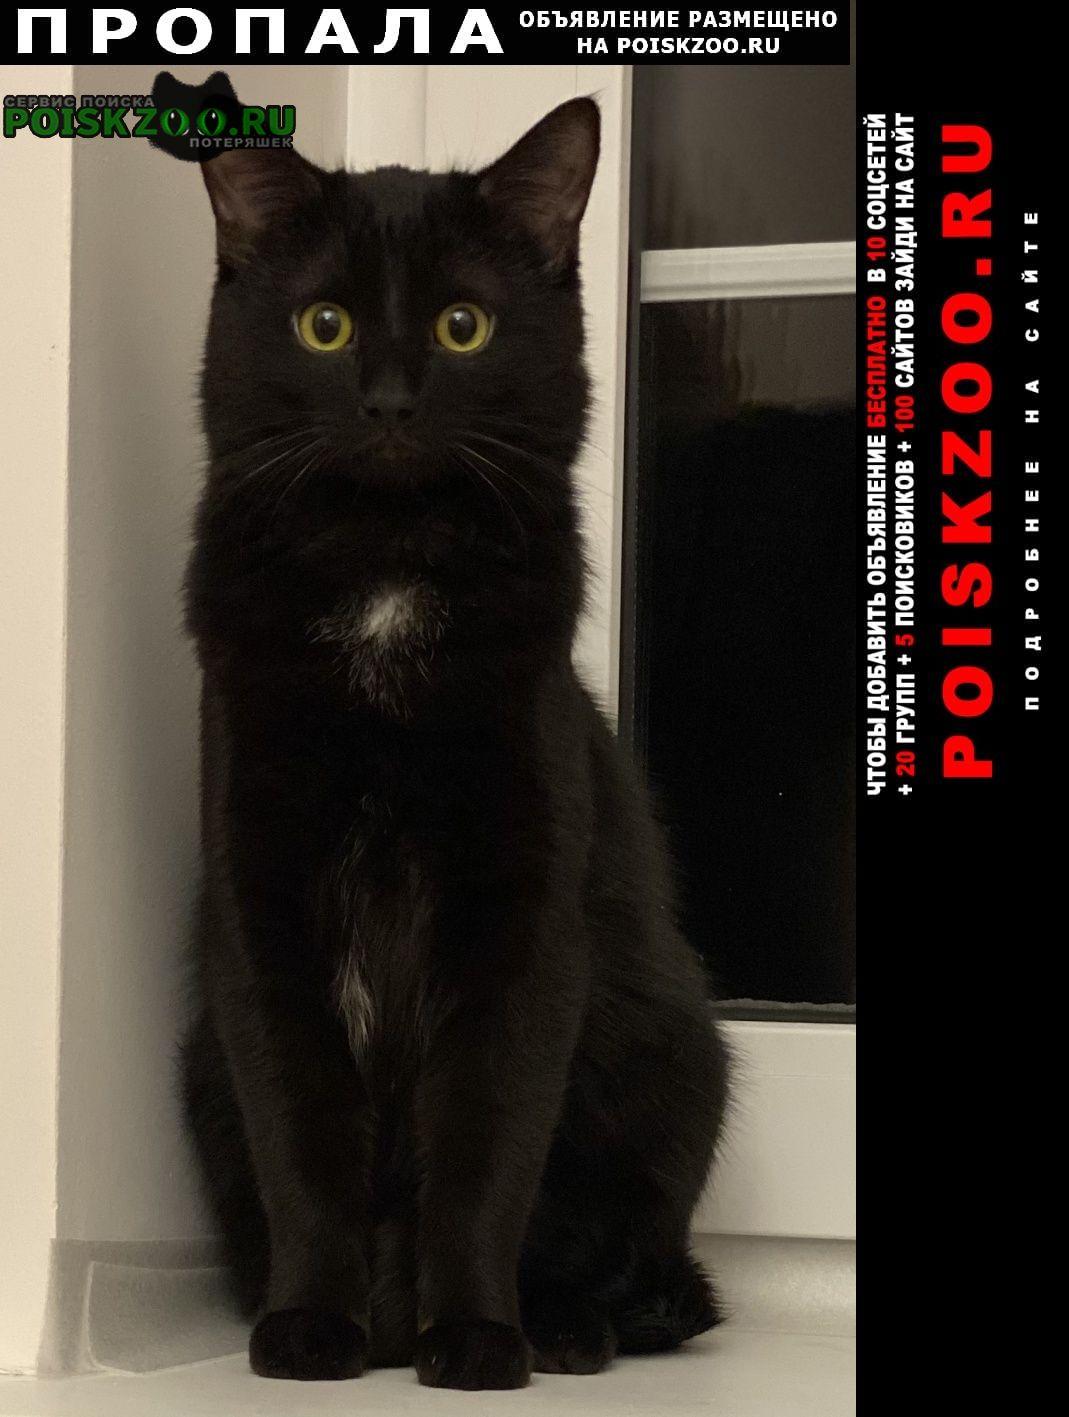 Раменское Пропал кот из киз гжель-5 (фенино)